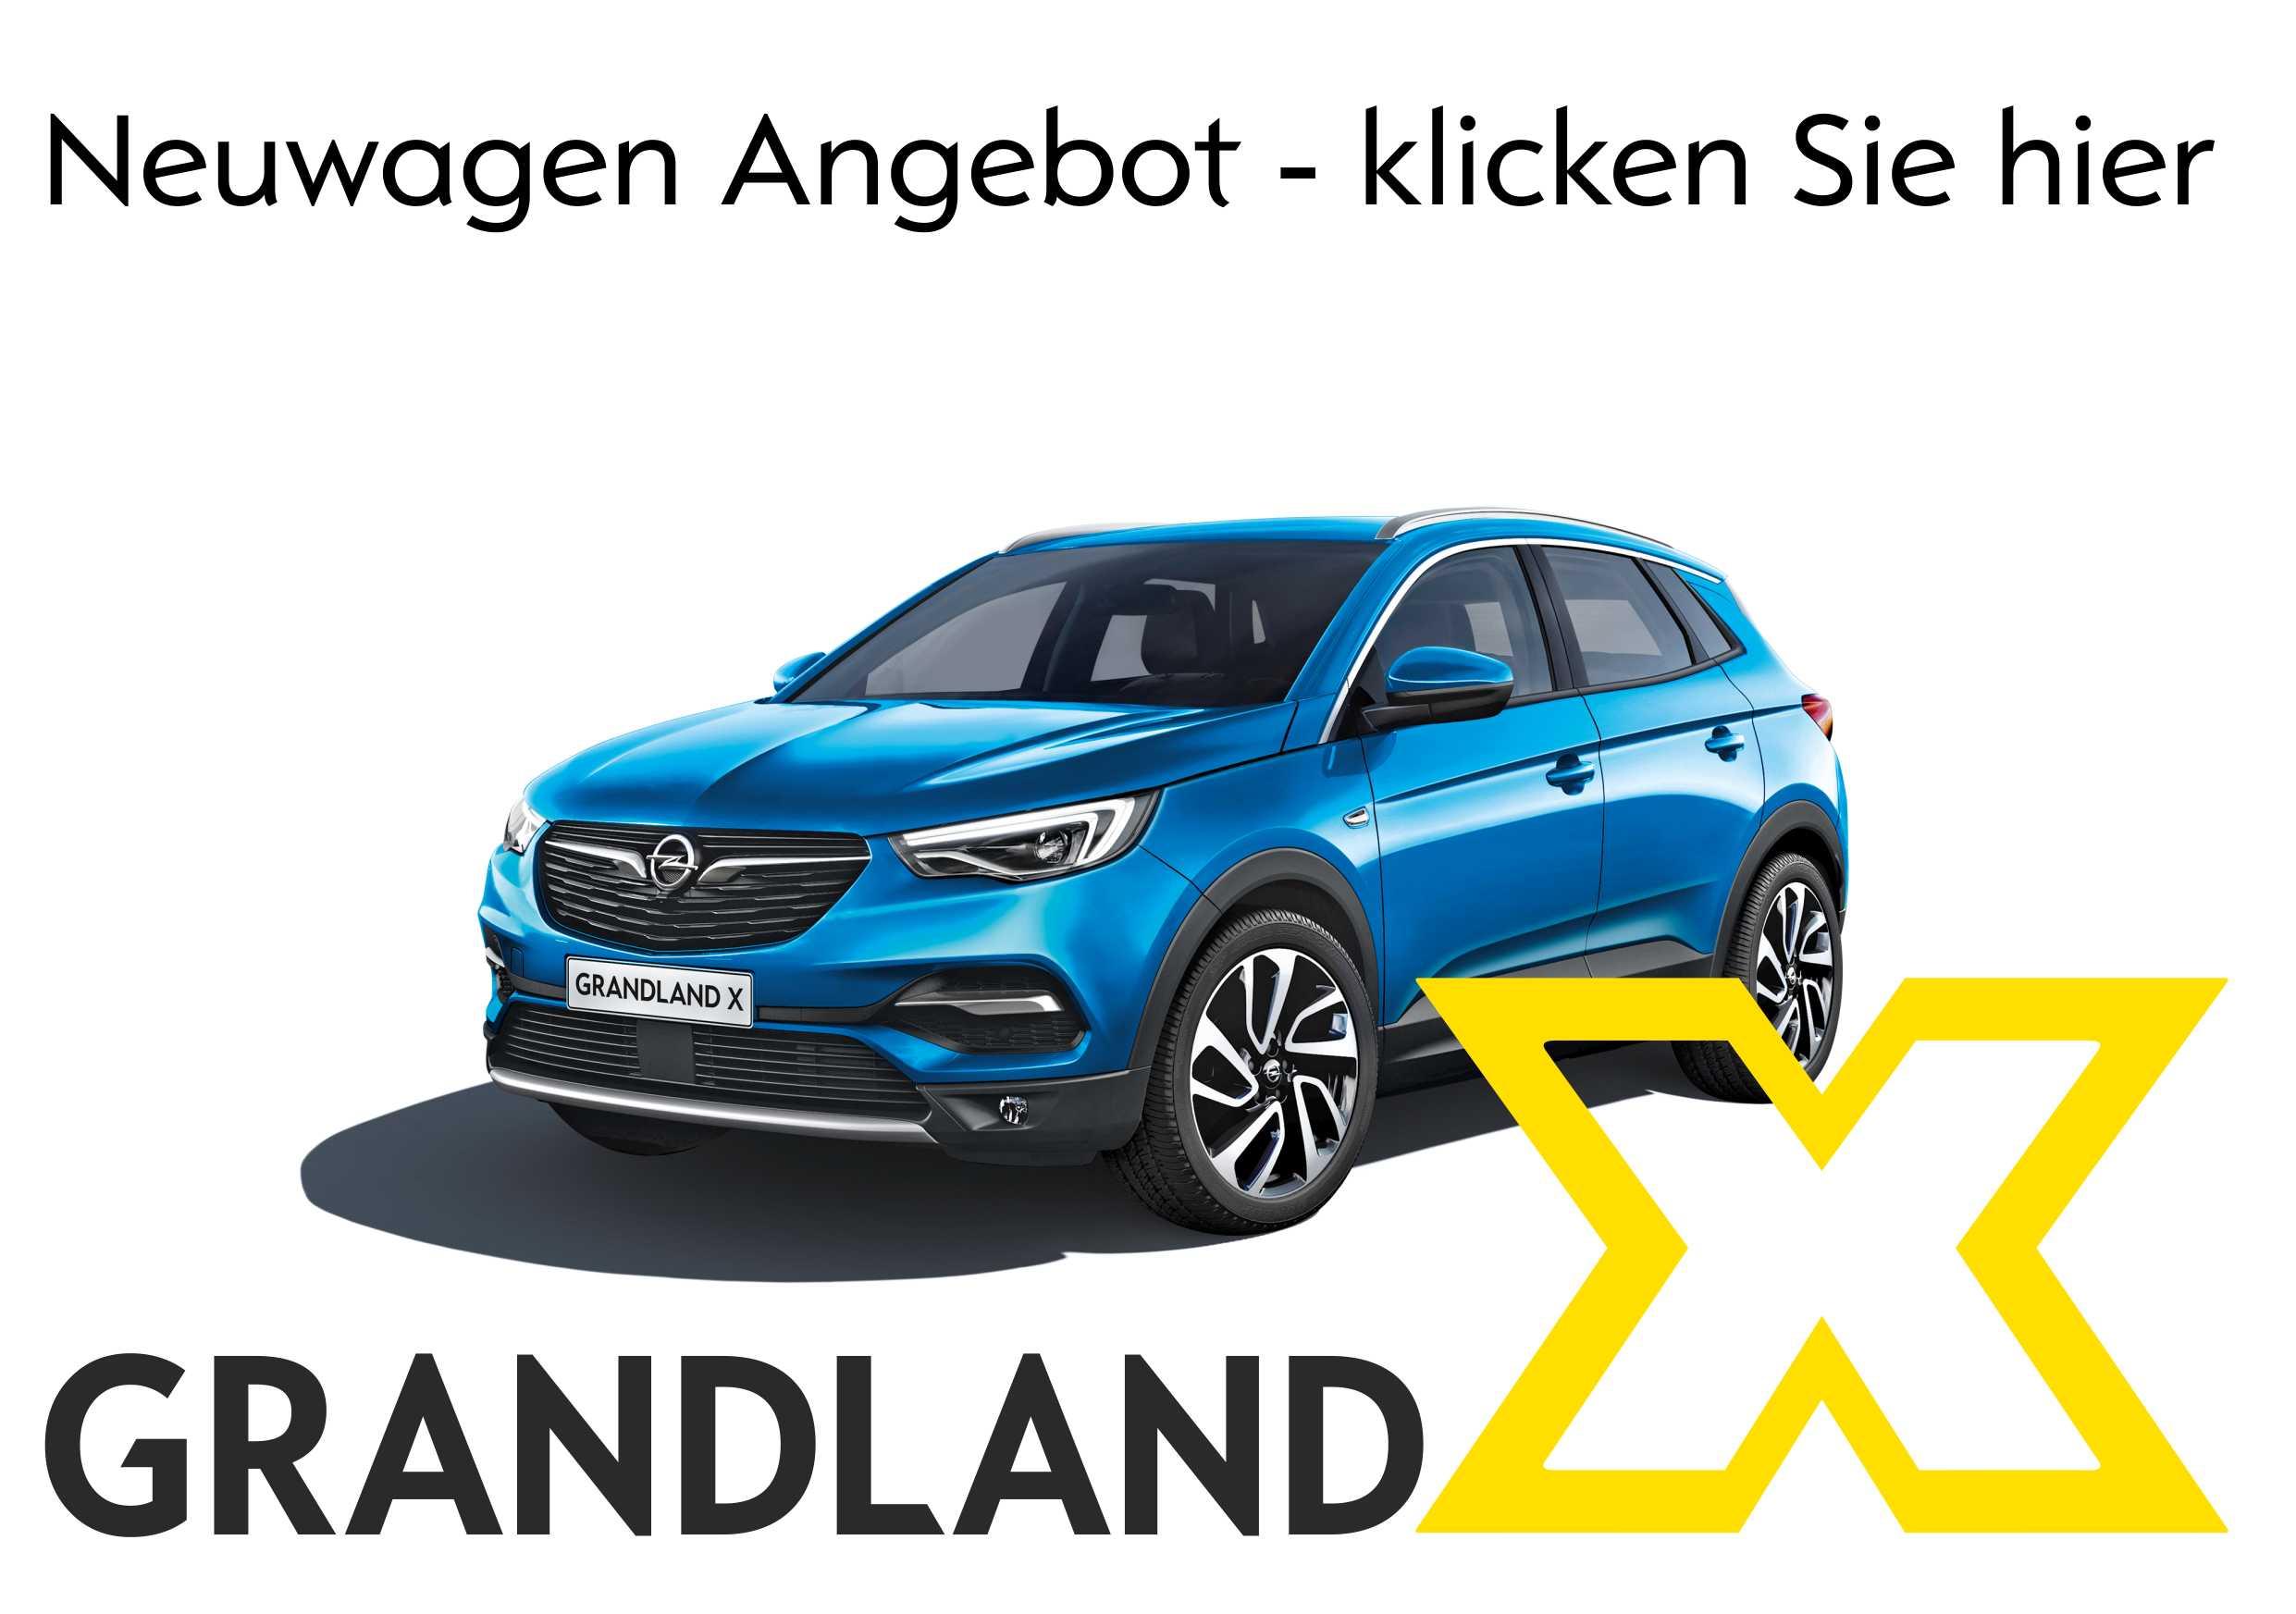 Opel Grandland Neuwagen - jetzt bestellen im Autohaus Thiede in Schöningen 05352/1853